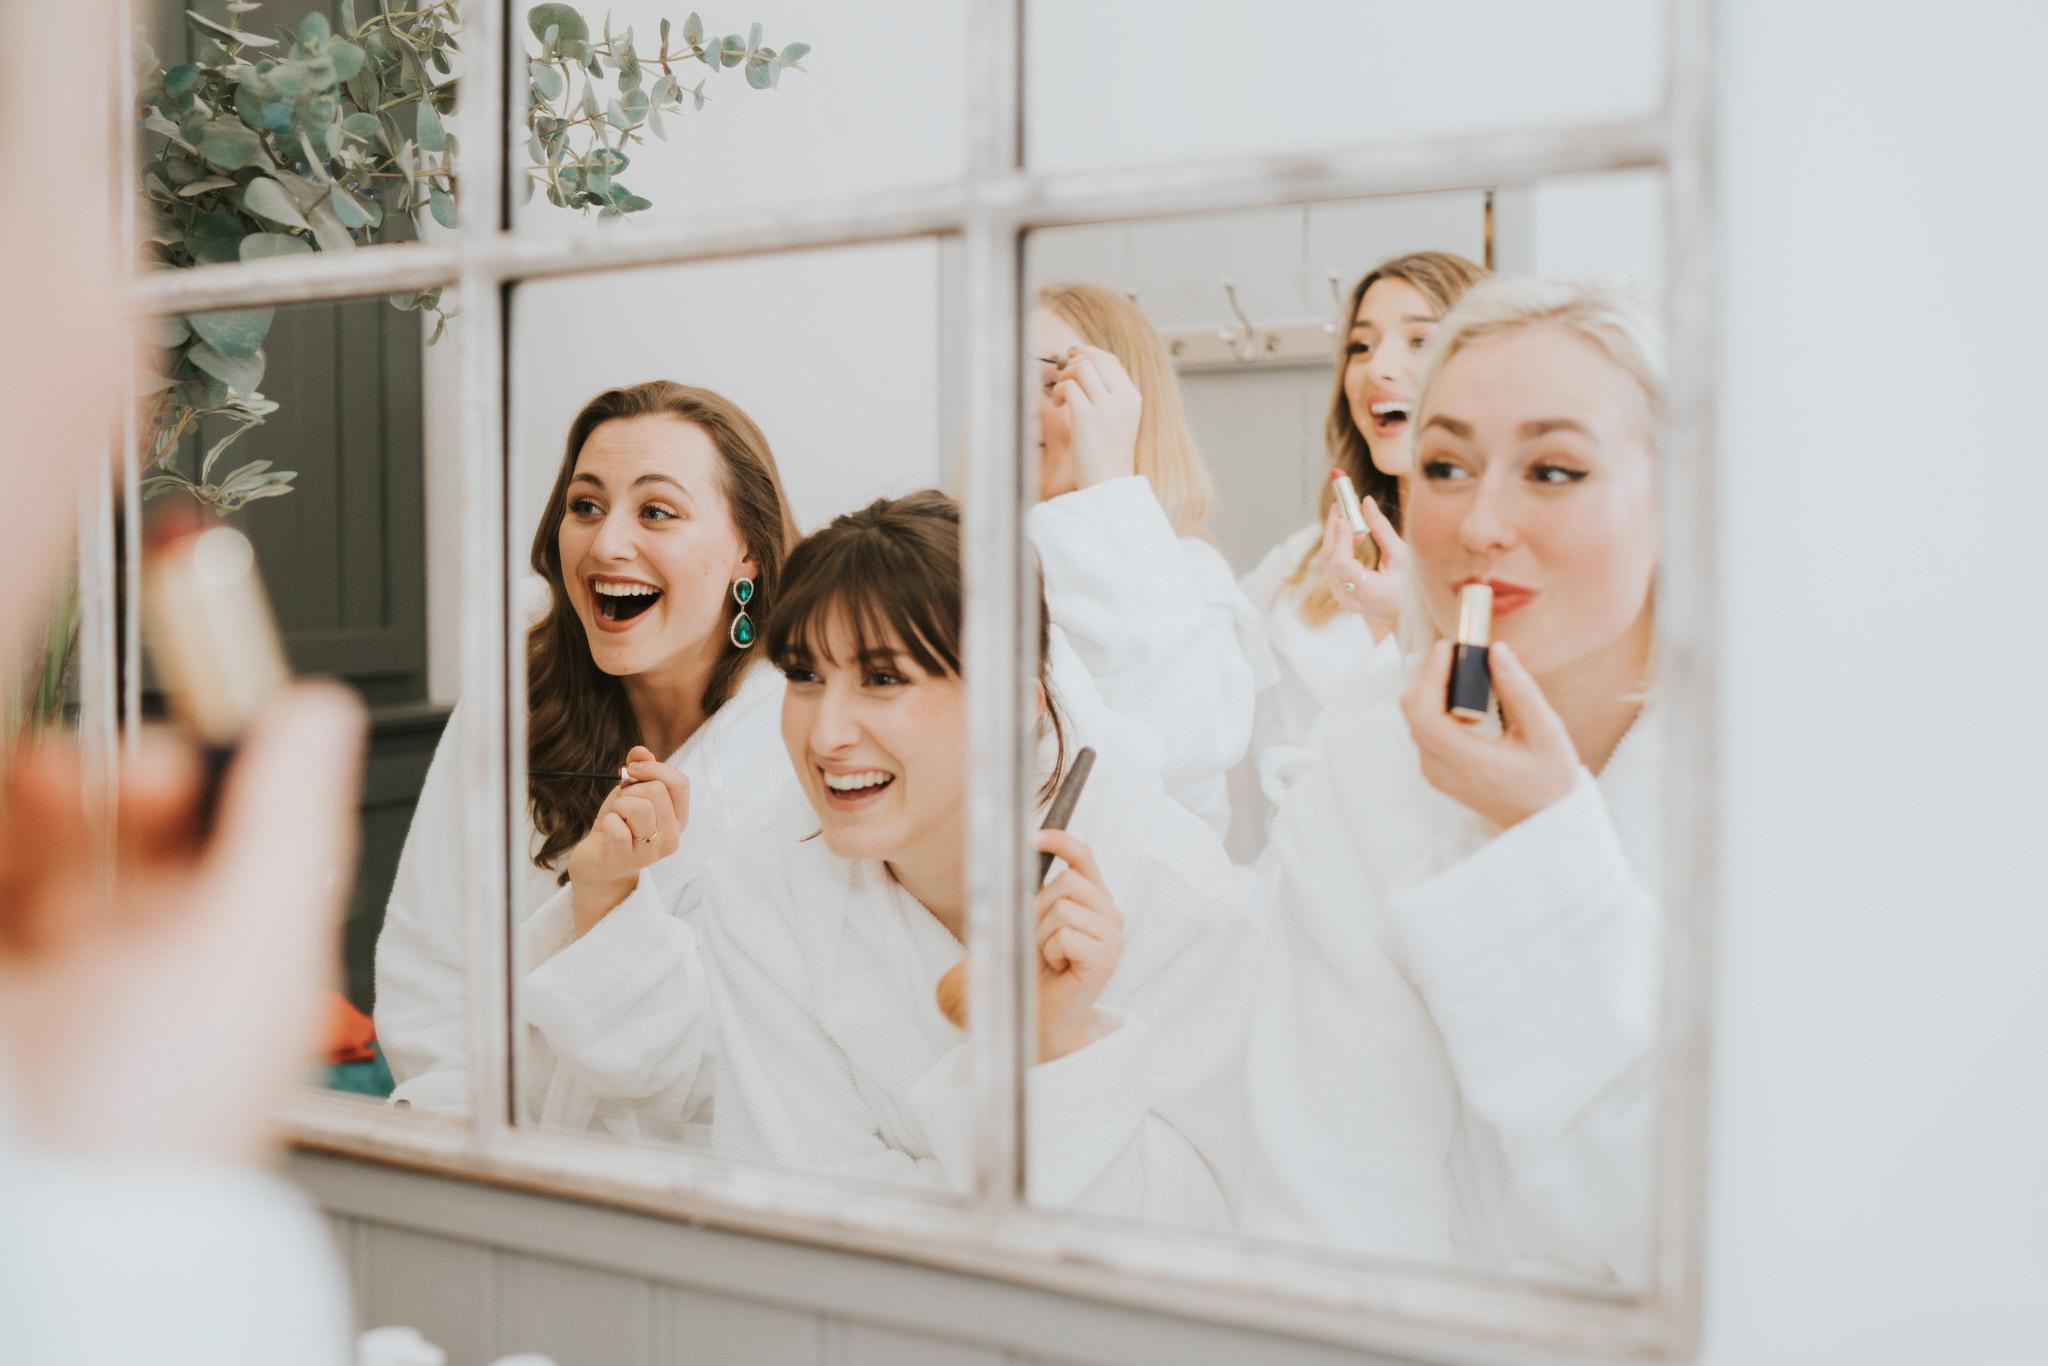 grace-elizabeth-essex-wedding-photographer-best-2018-highlights-norfolk-essex-devon-suffolk (15 of 100).jpg